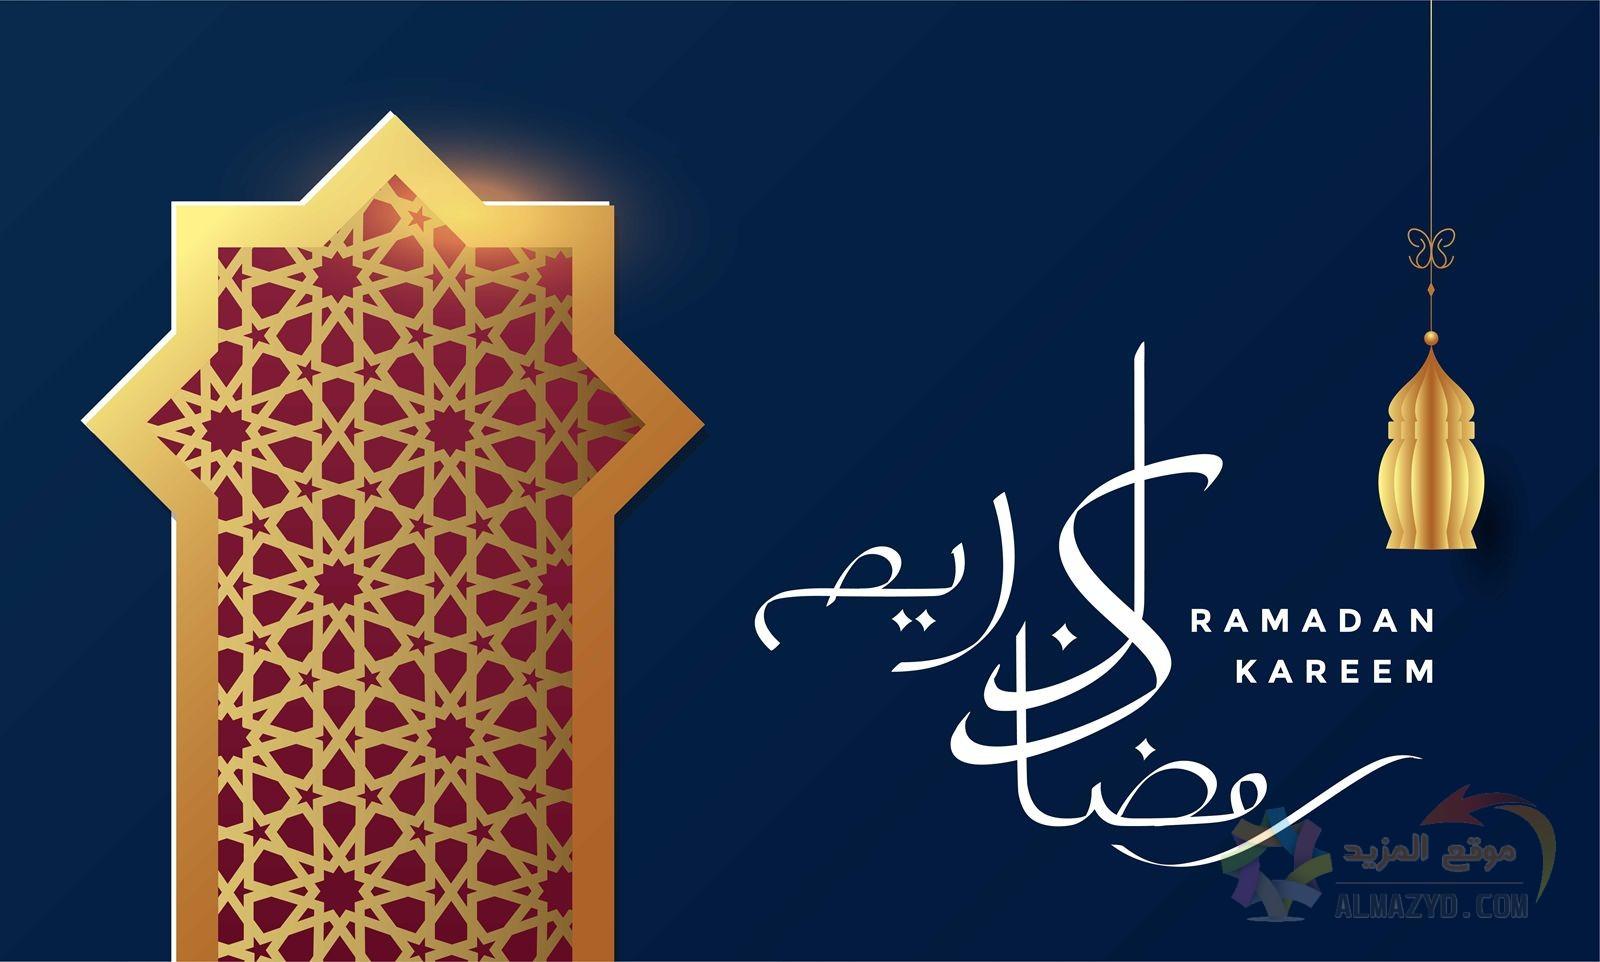 أجمل صور تهنئة بشهر رمضان 2020 مع بطاقات أدعية وكلمات رائعة